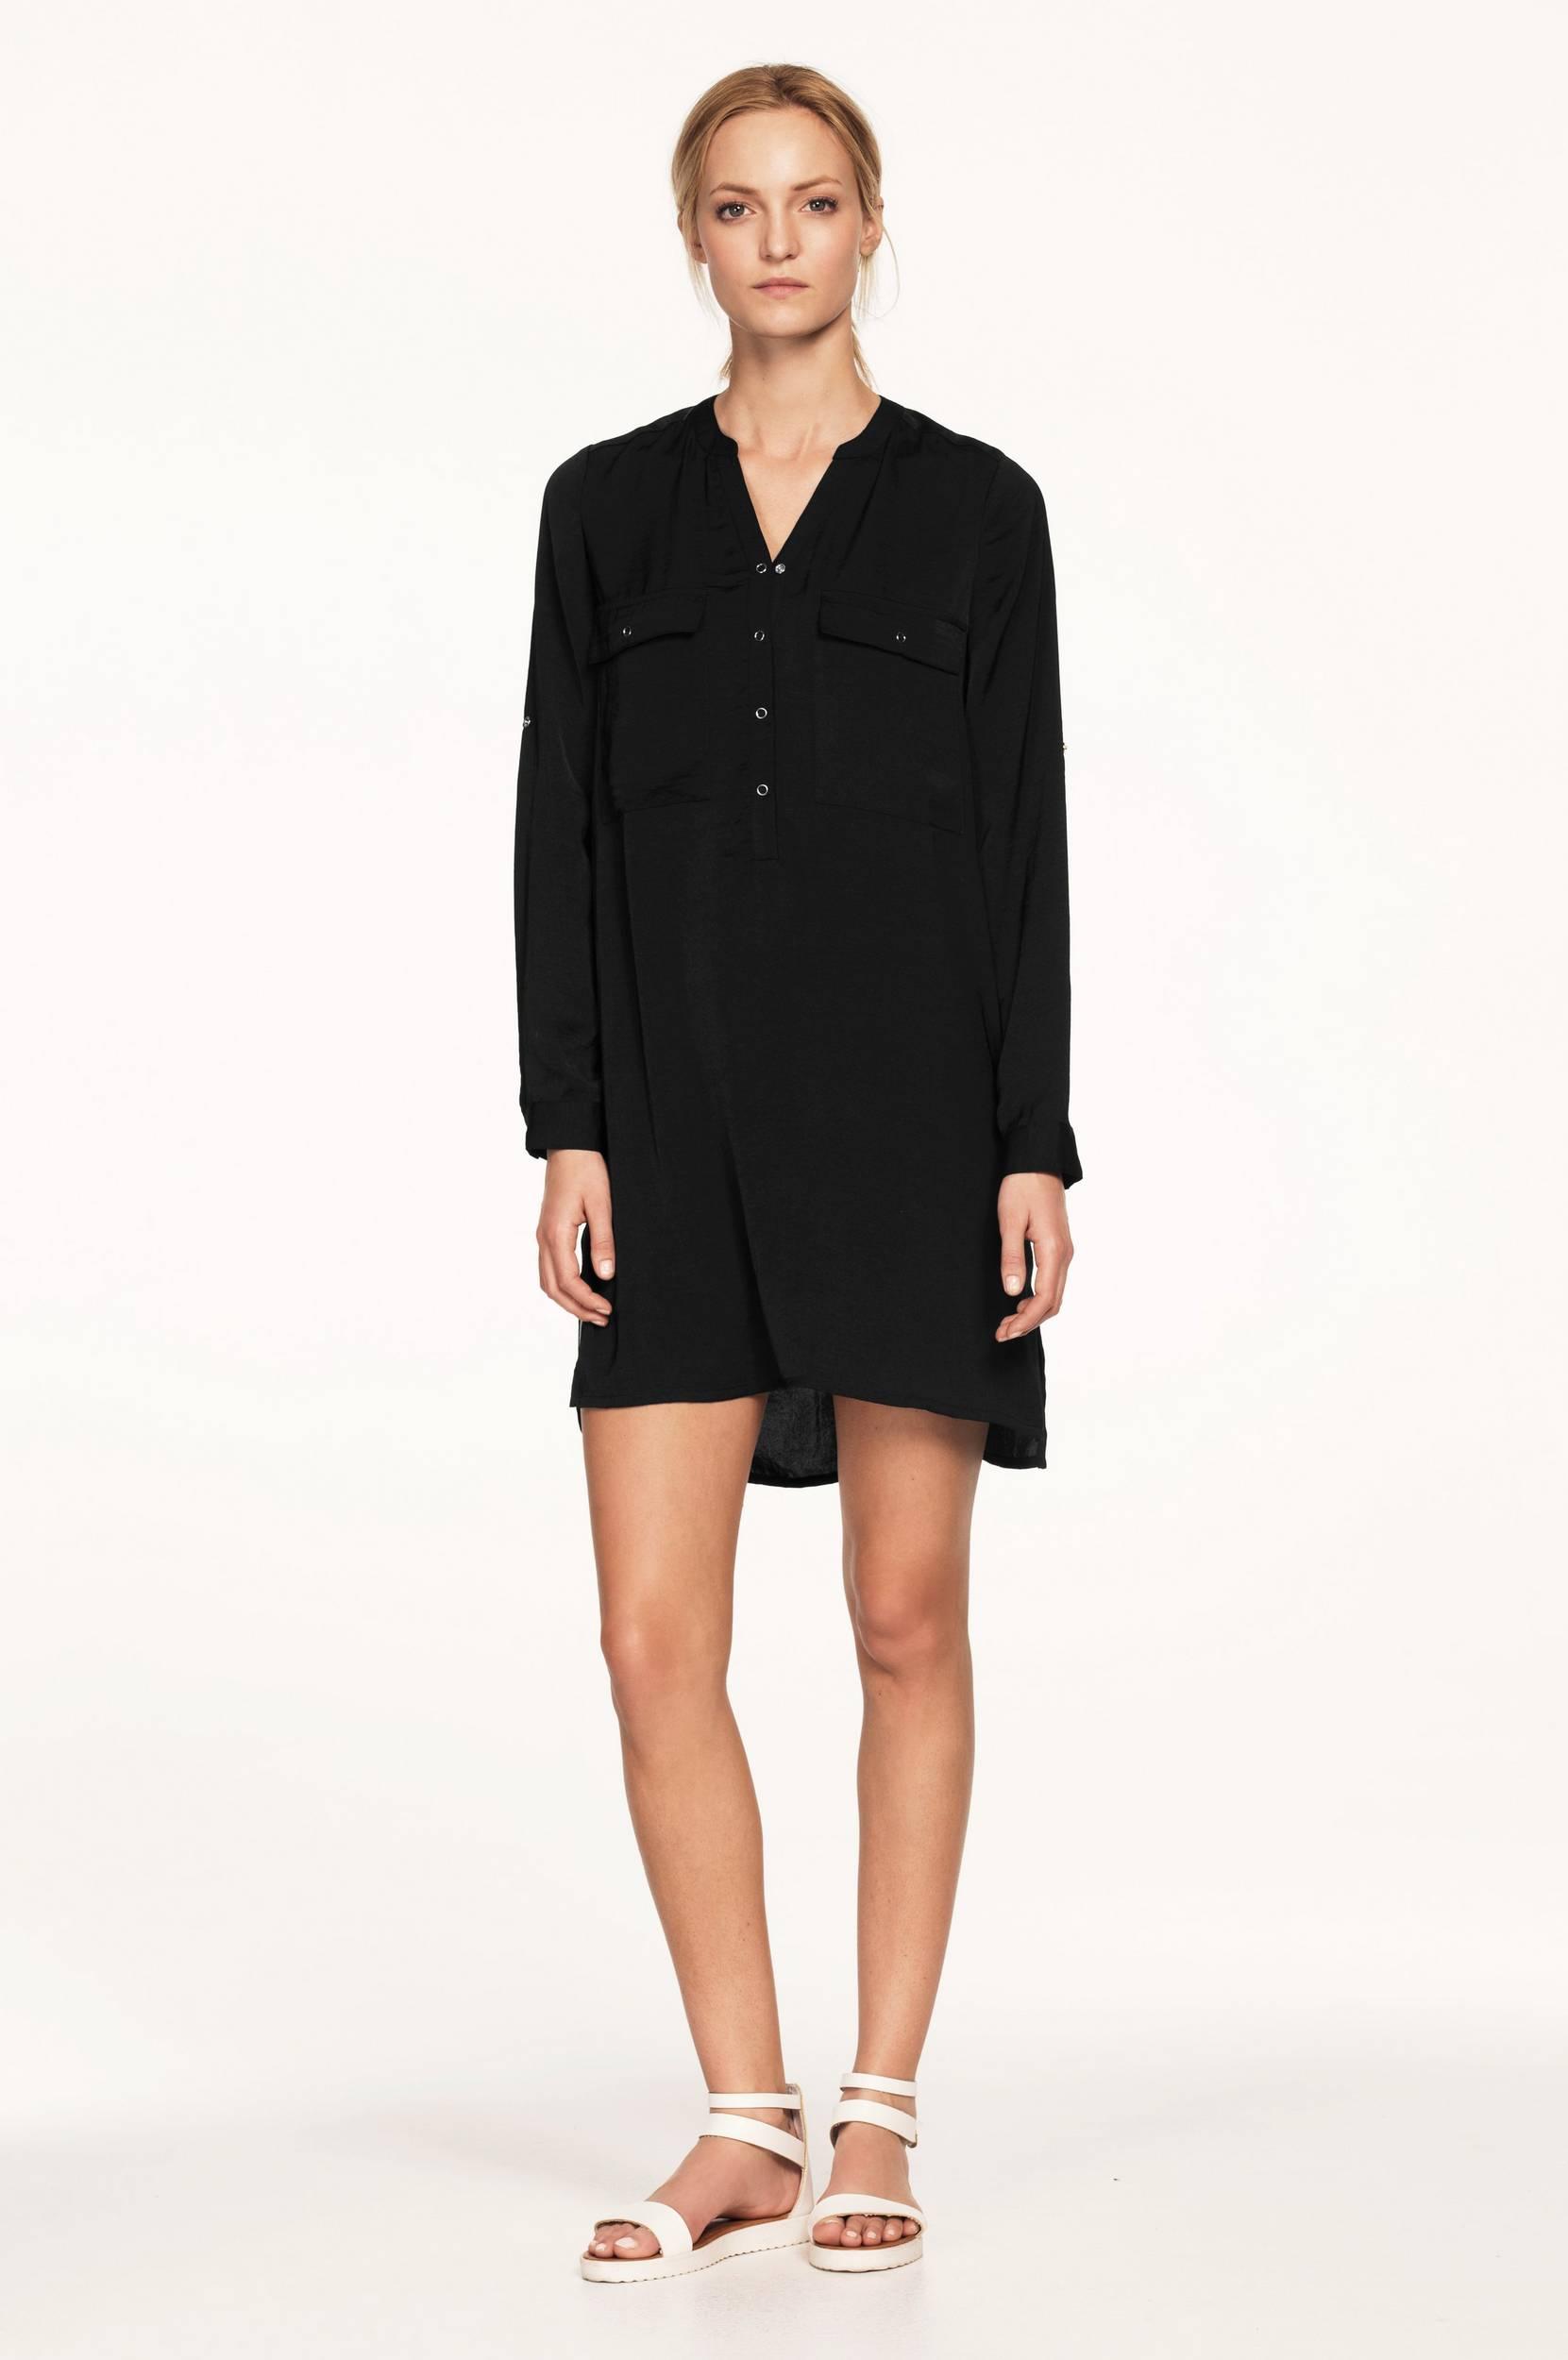 Bluse i lang model Ellos Skjorter & bluser til Kvinder i Sort